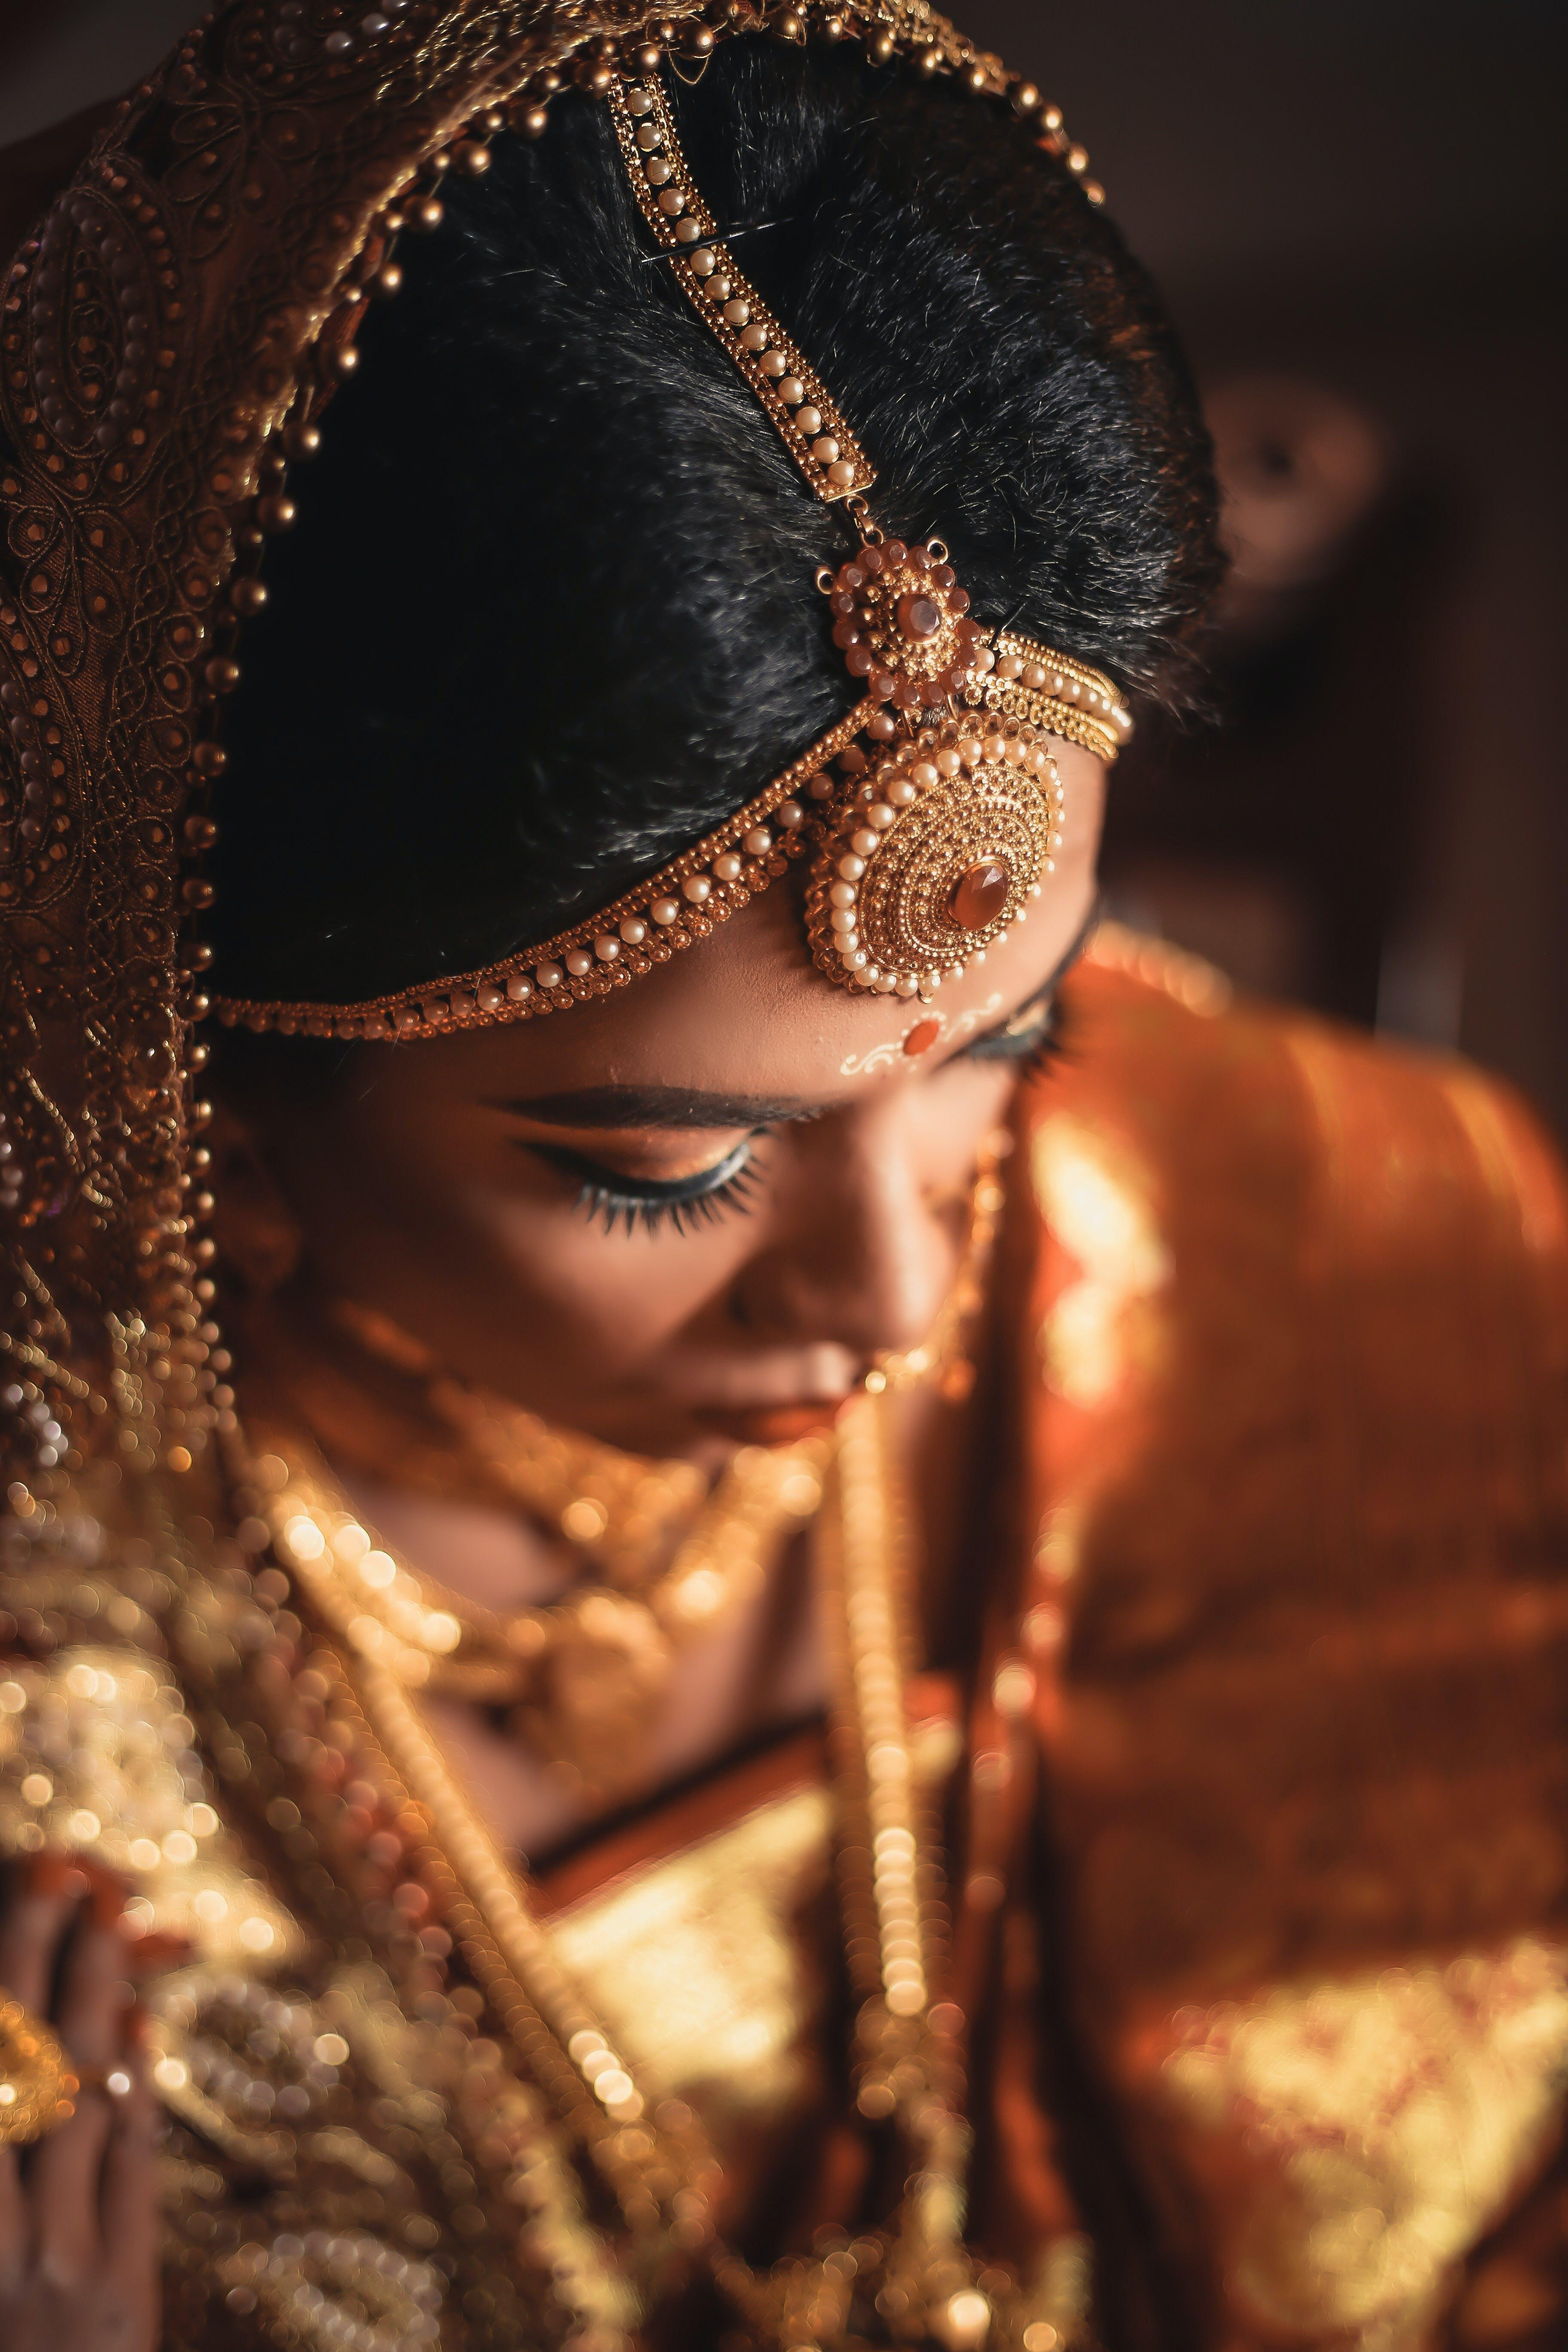 人, 傳統, 傳統服飾